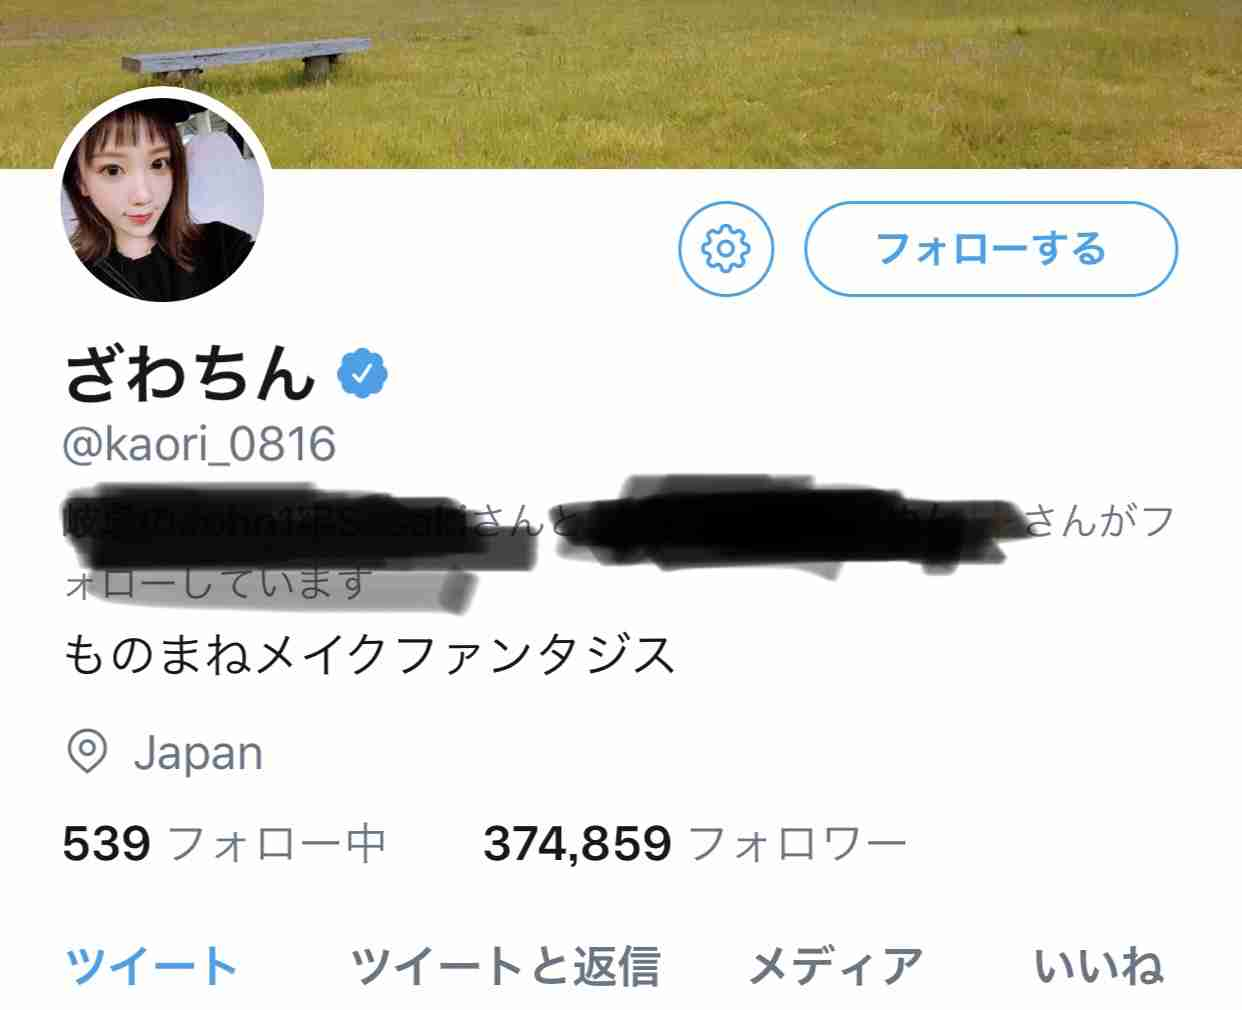 ツイッター、「偽のフォロワー」を世界で削除